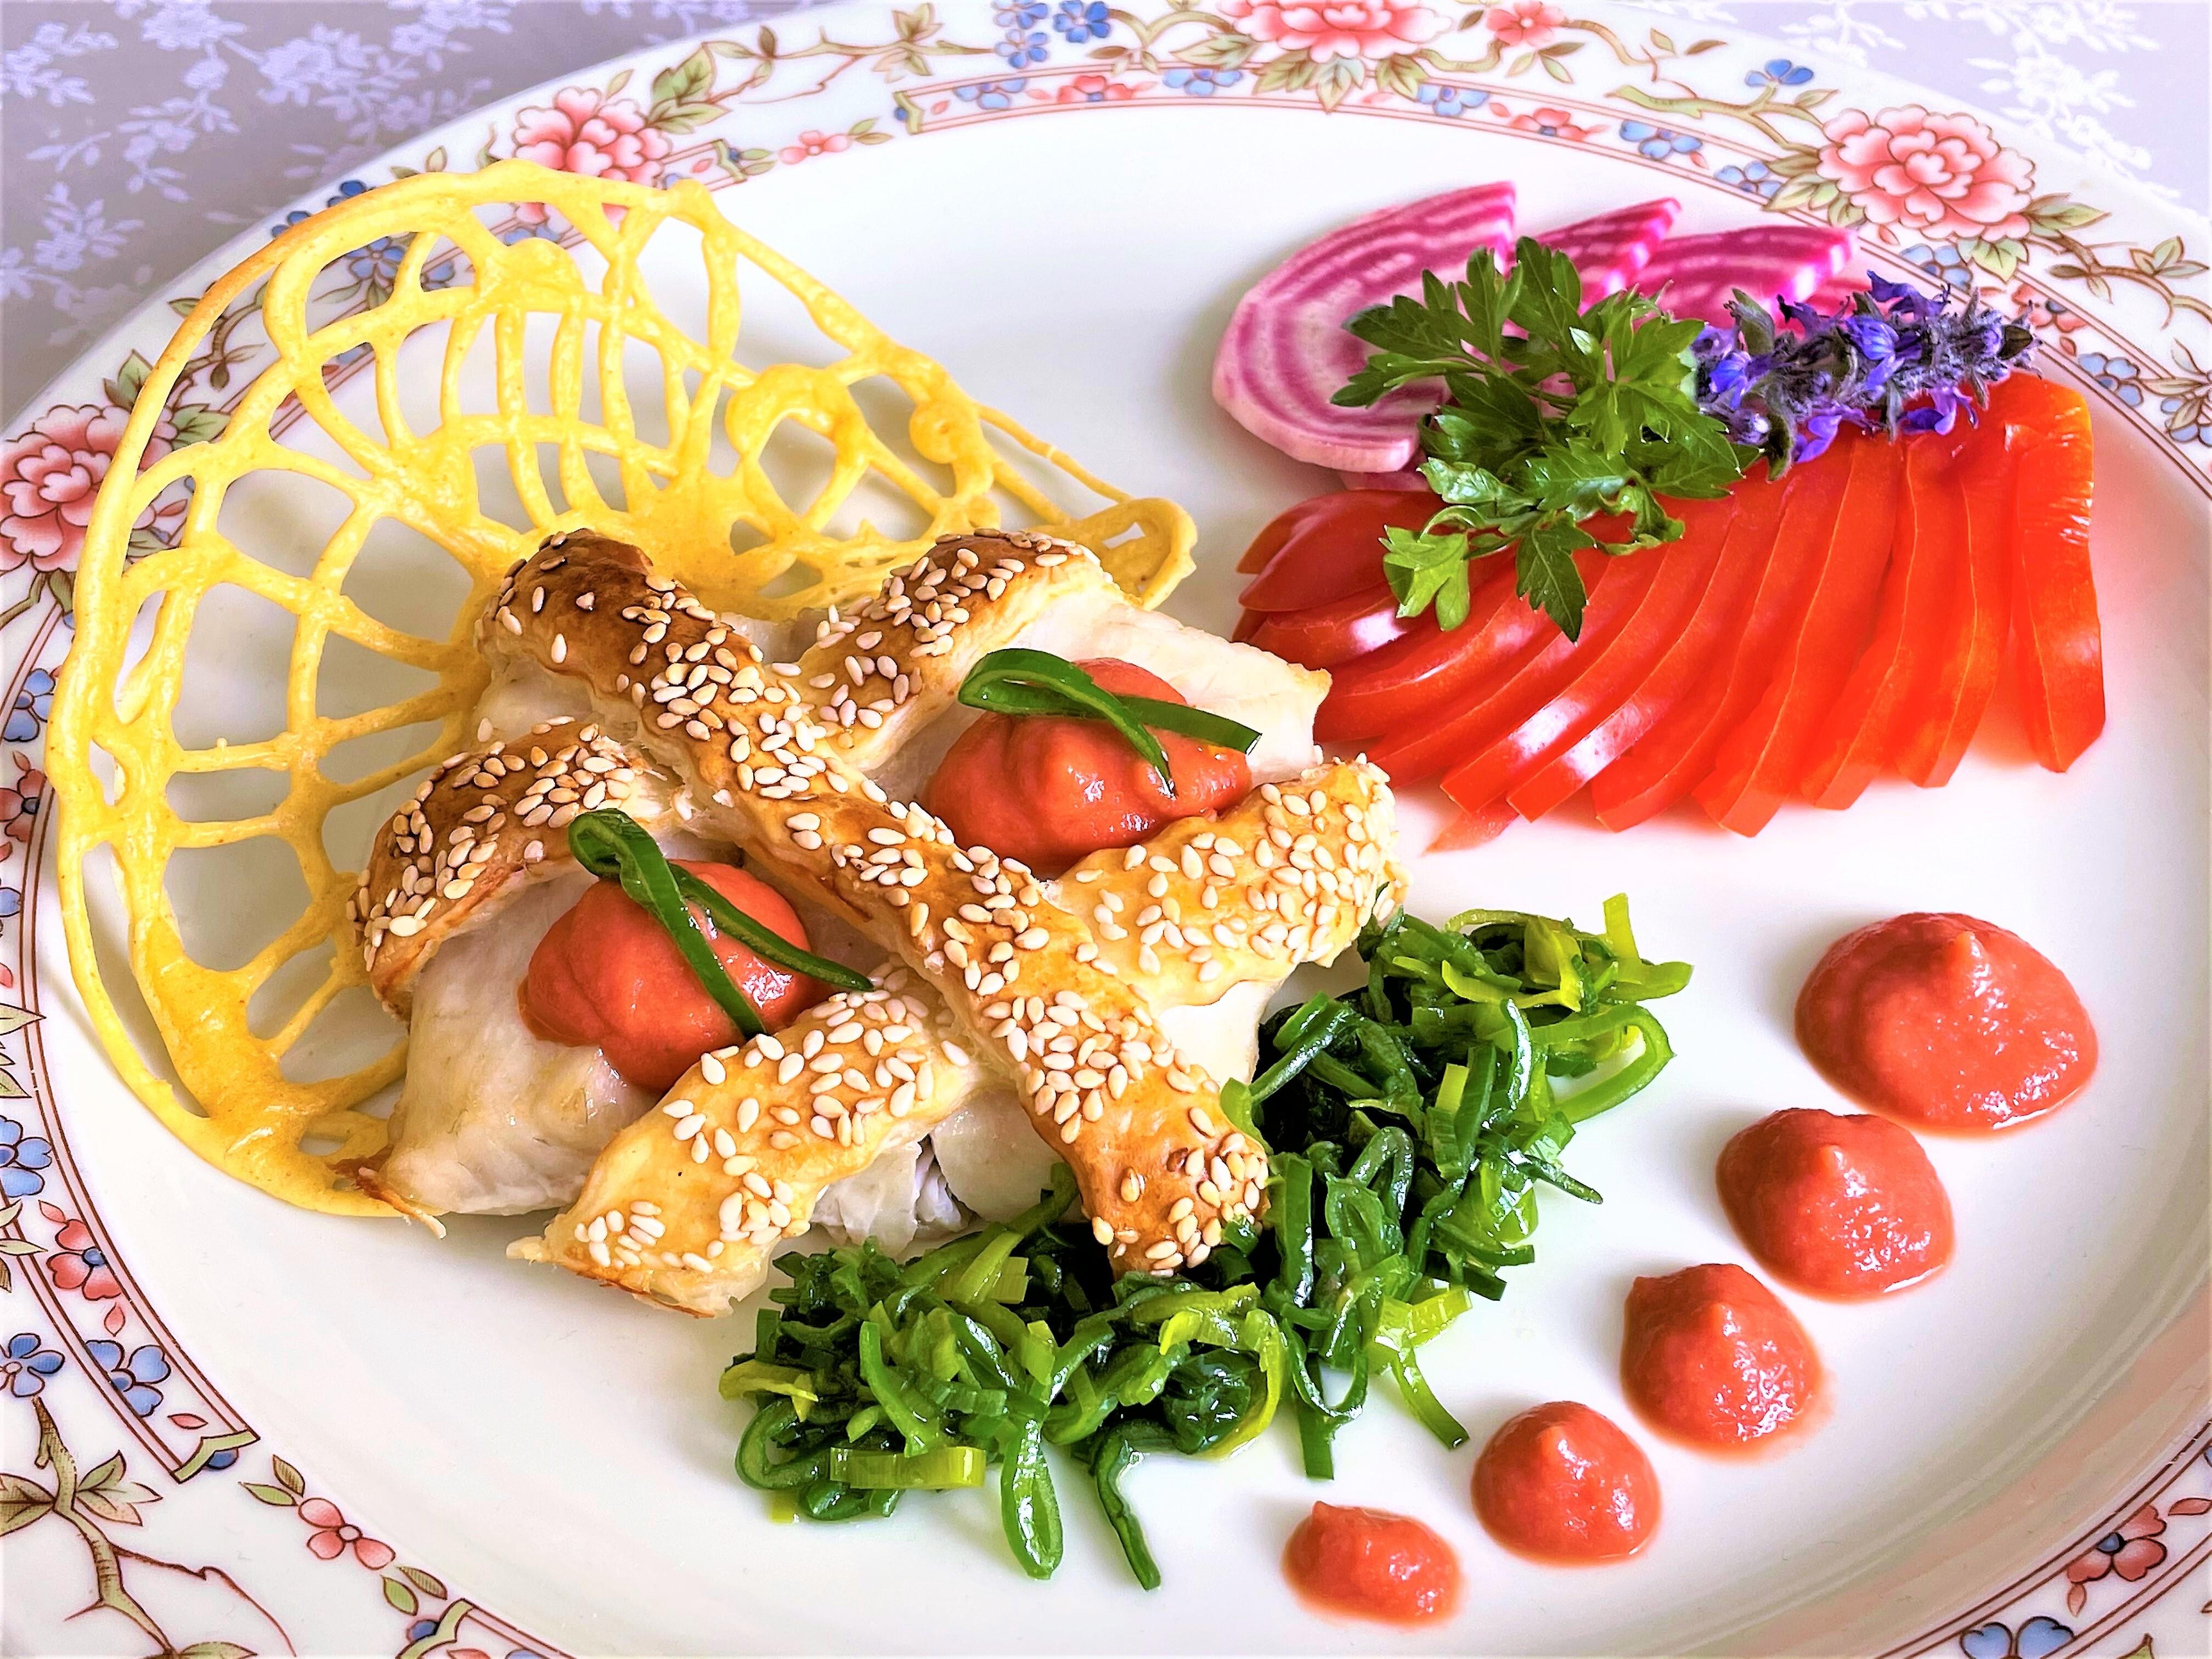 Filetto-di-persico-in-sfoglia-al-sesamo